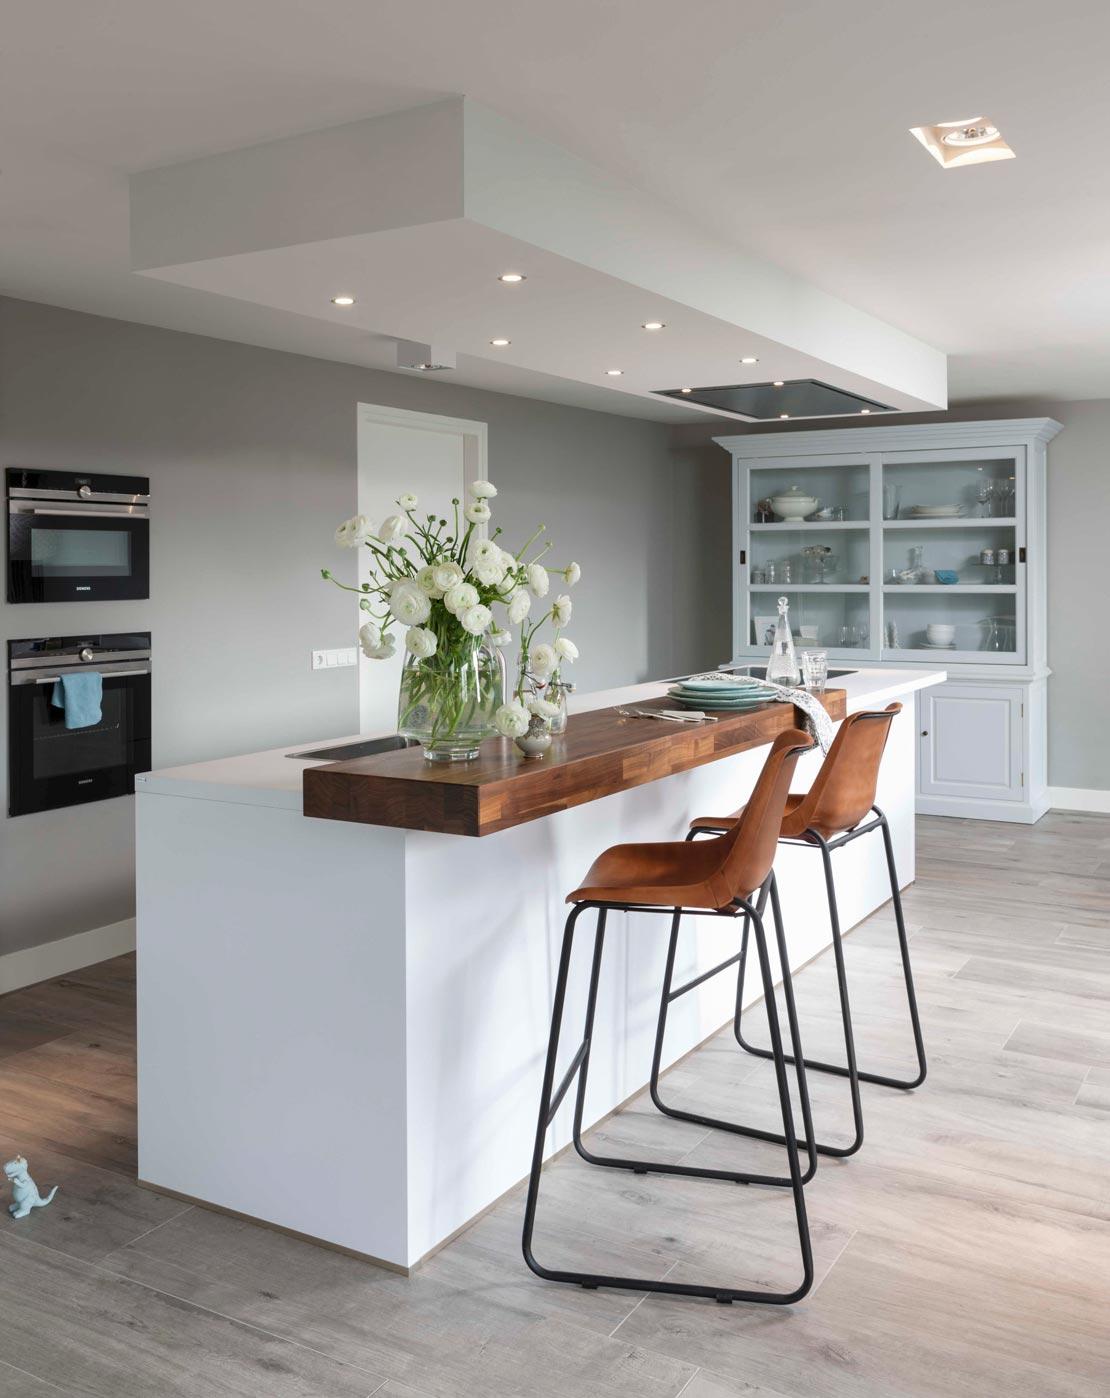 mehr stauraum schaffen 7 tipps jetzt im westwing magazin. Black Bedroom Furniture Sets. Home Design Ideas